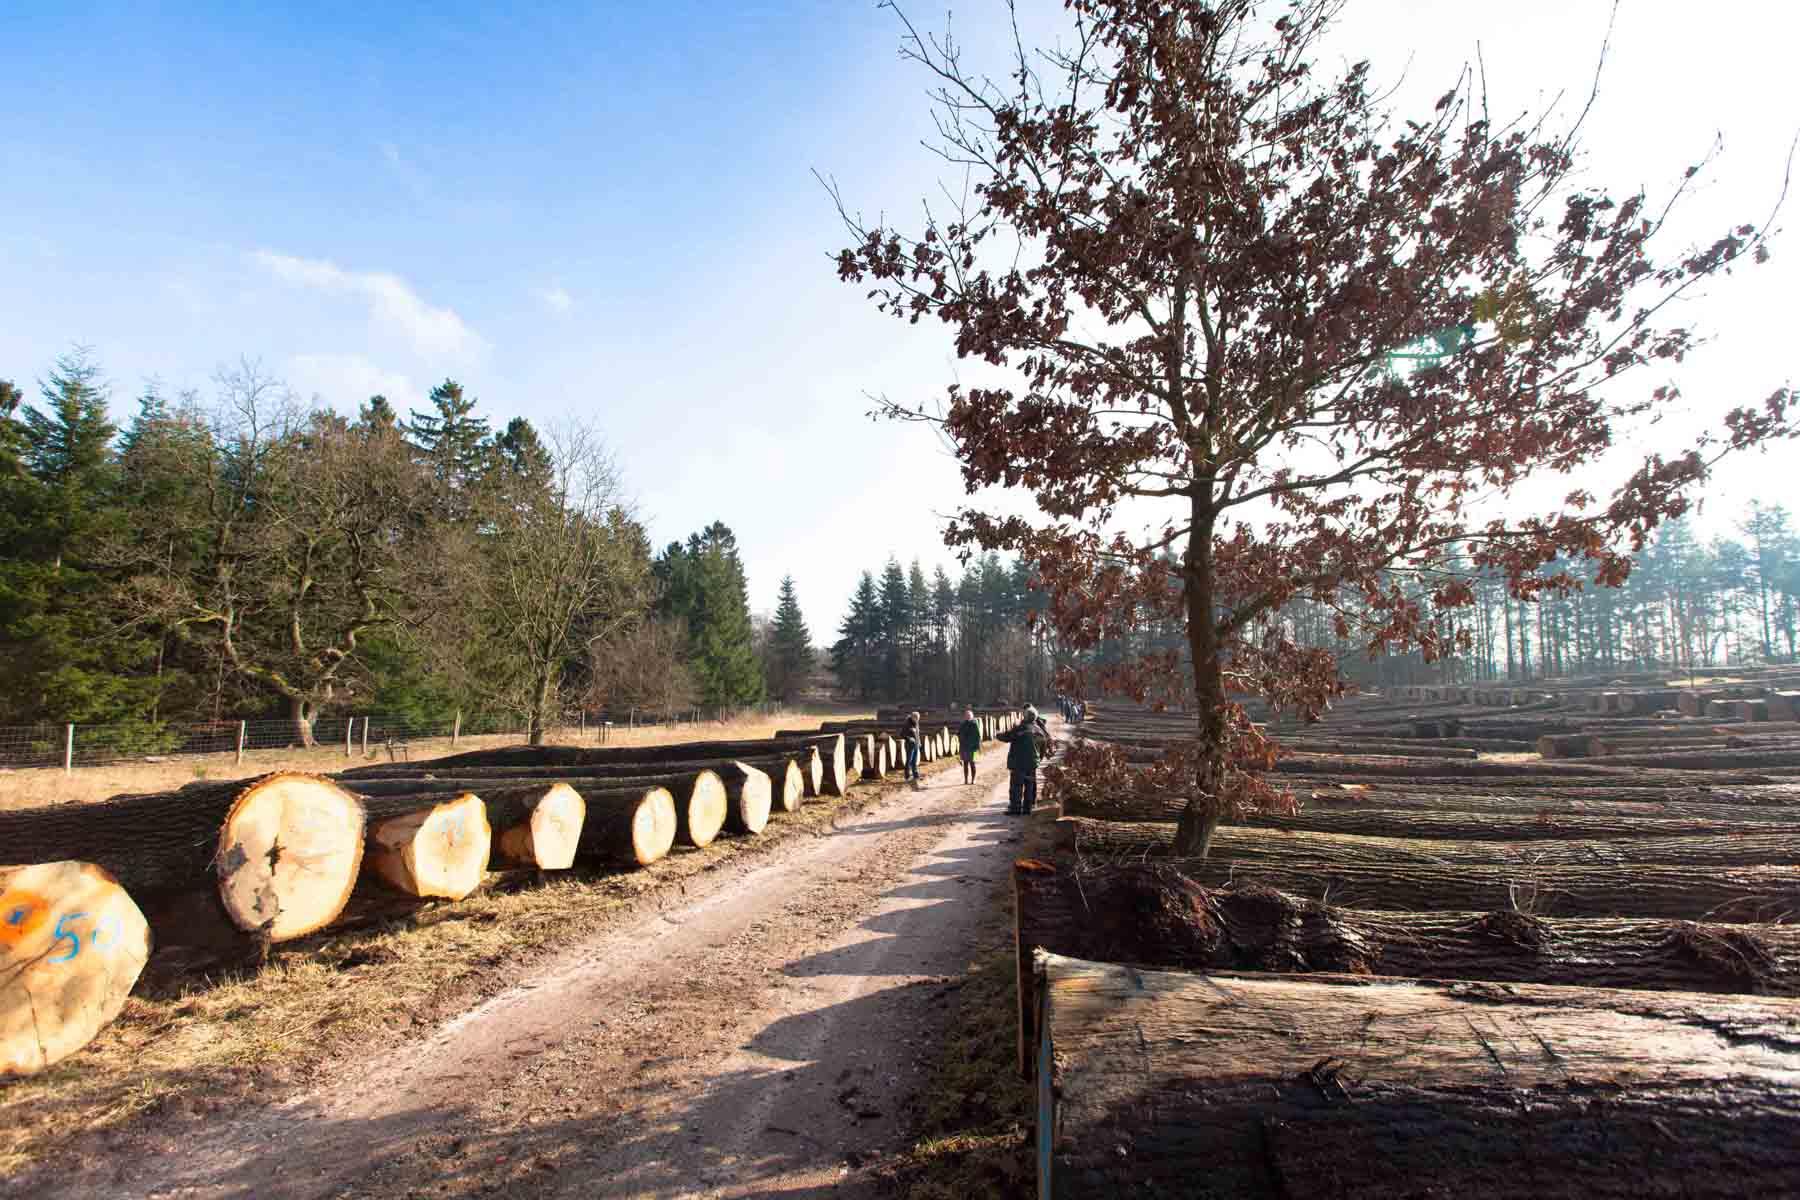 Schleswig-Holstein / Die 42. Wertholzversteigerung in Daldorf schloss mit stabilen Preisen und einem Spitzenergebnis im Abverkauf